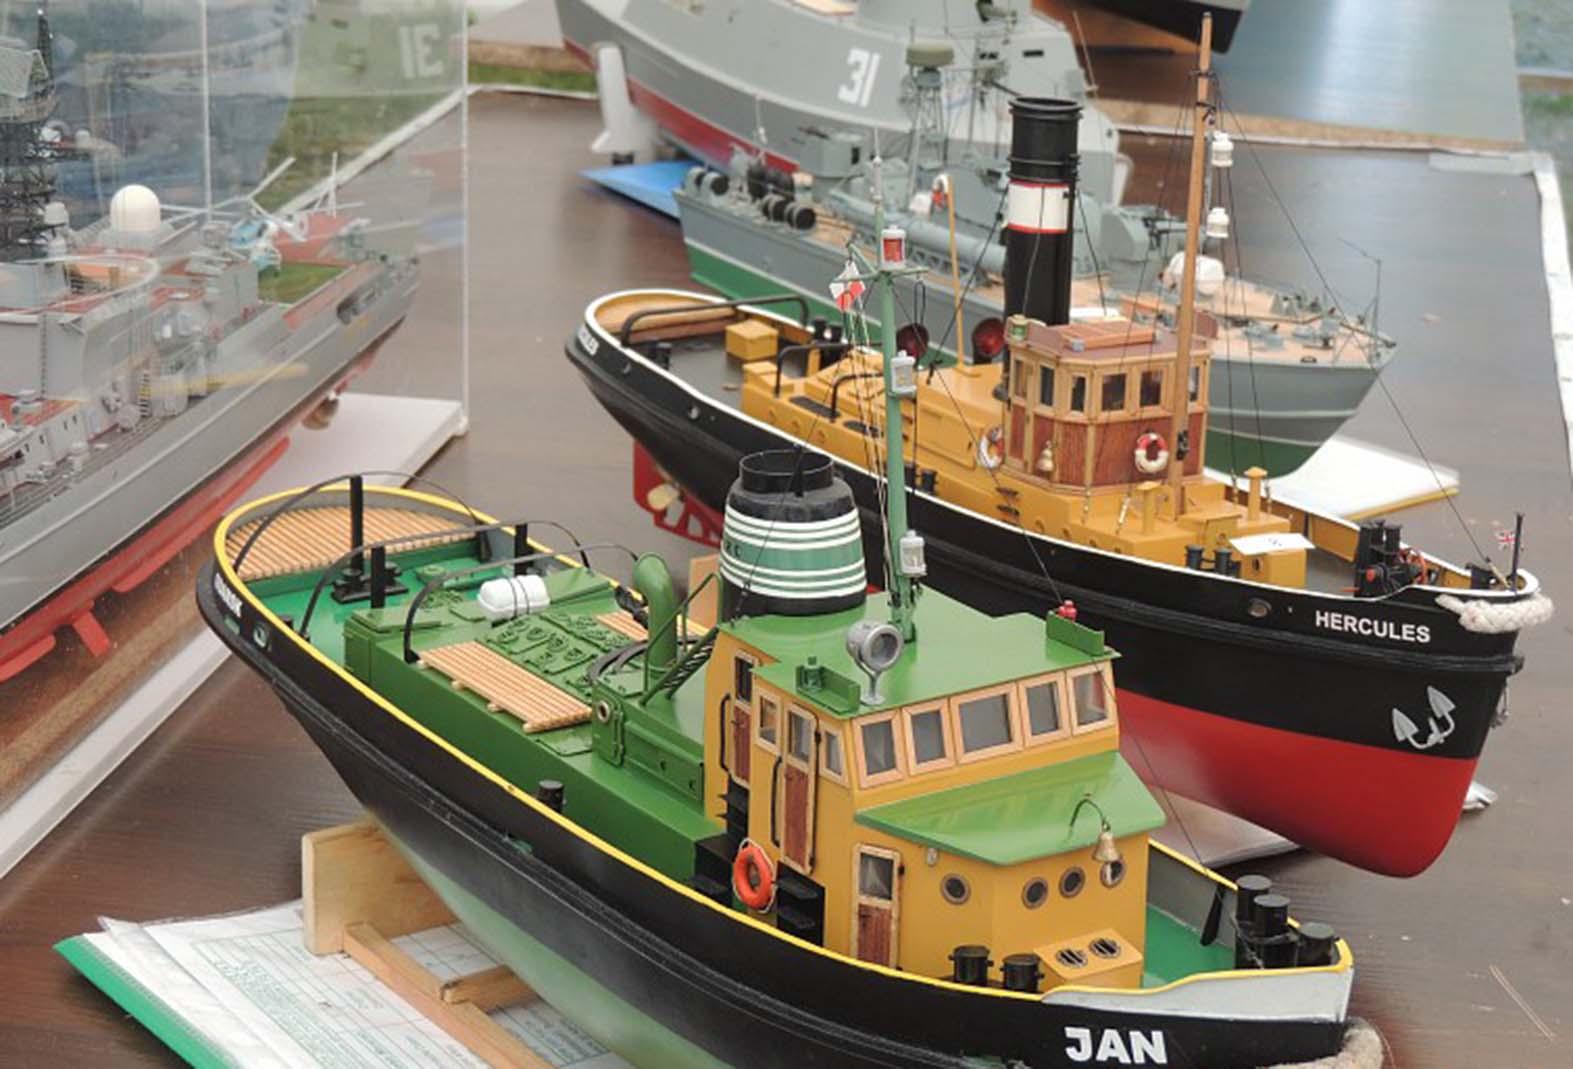 2. Такие модели - прототипы реальных судов и кораблей участвовали в европейских соревнованиях